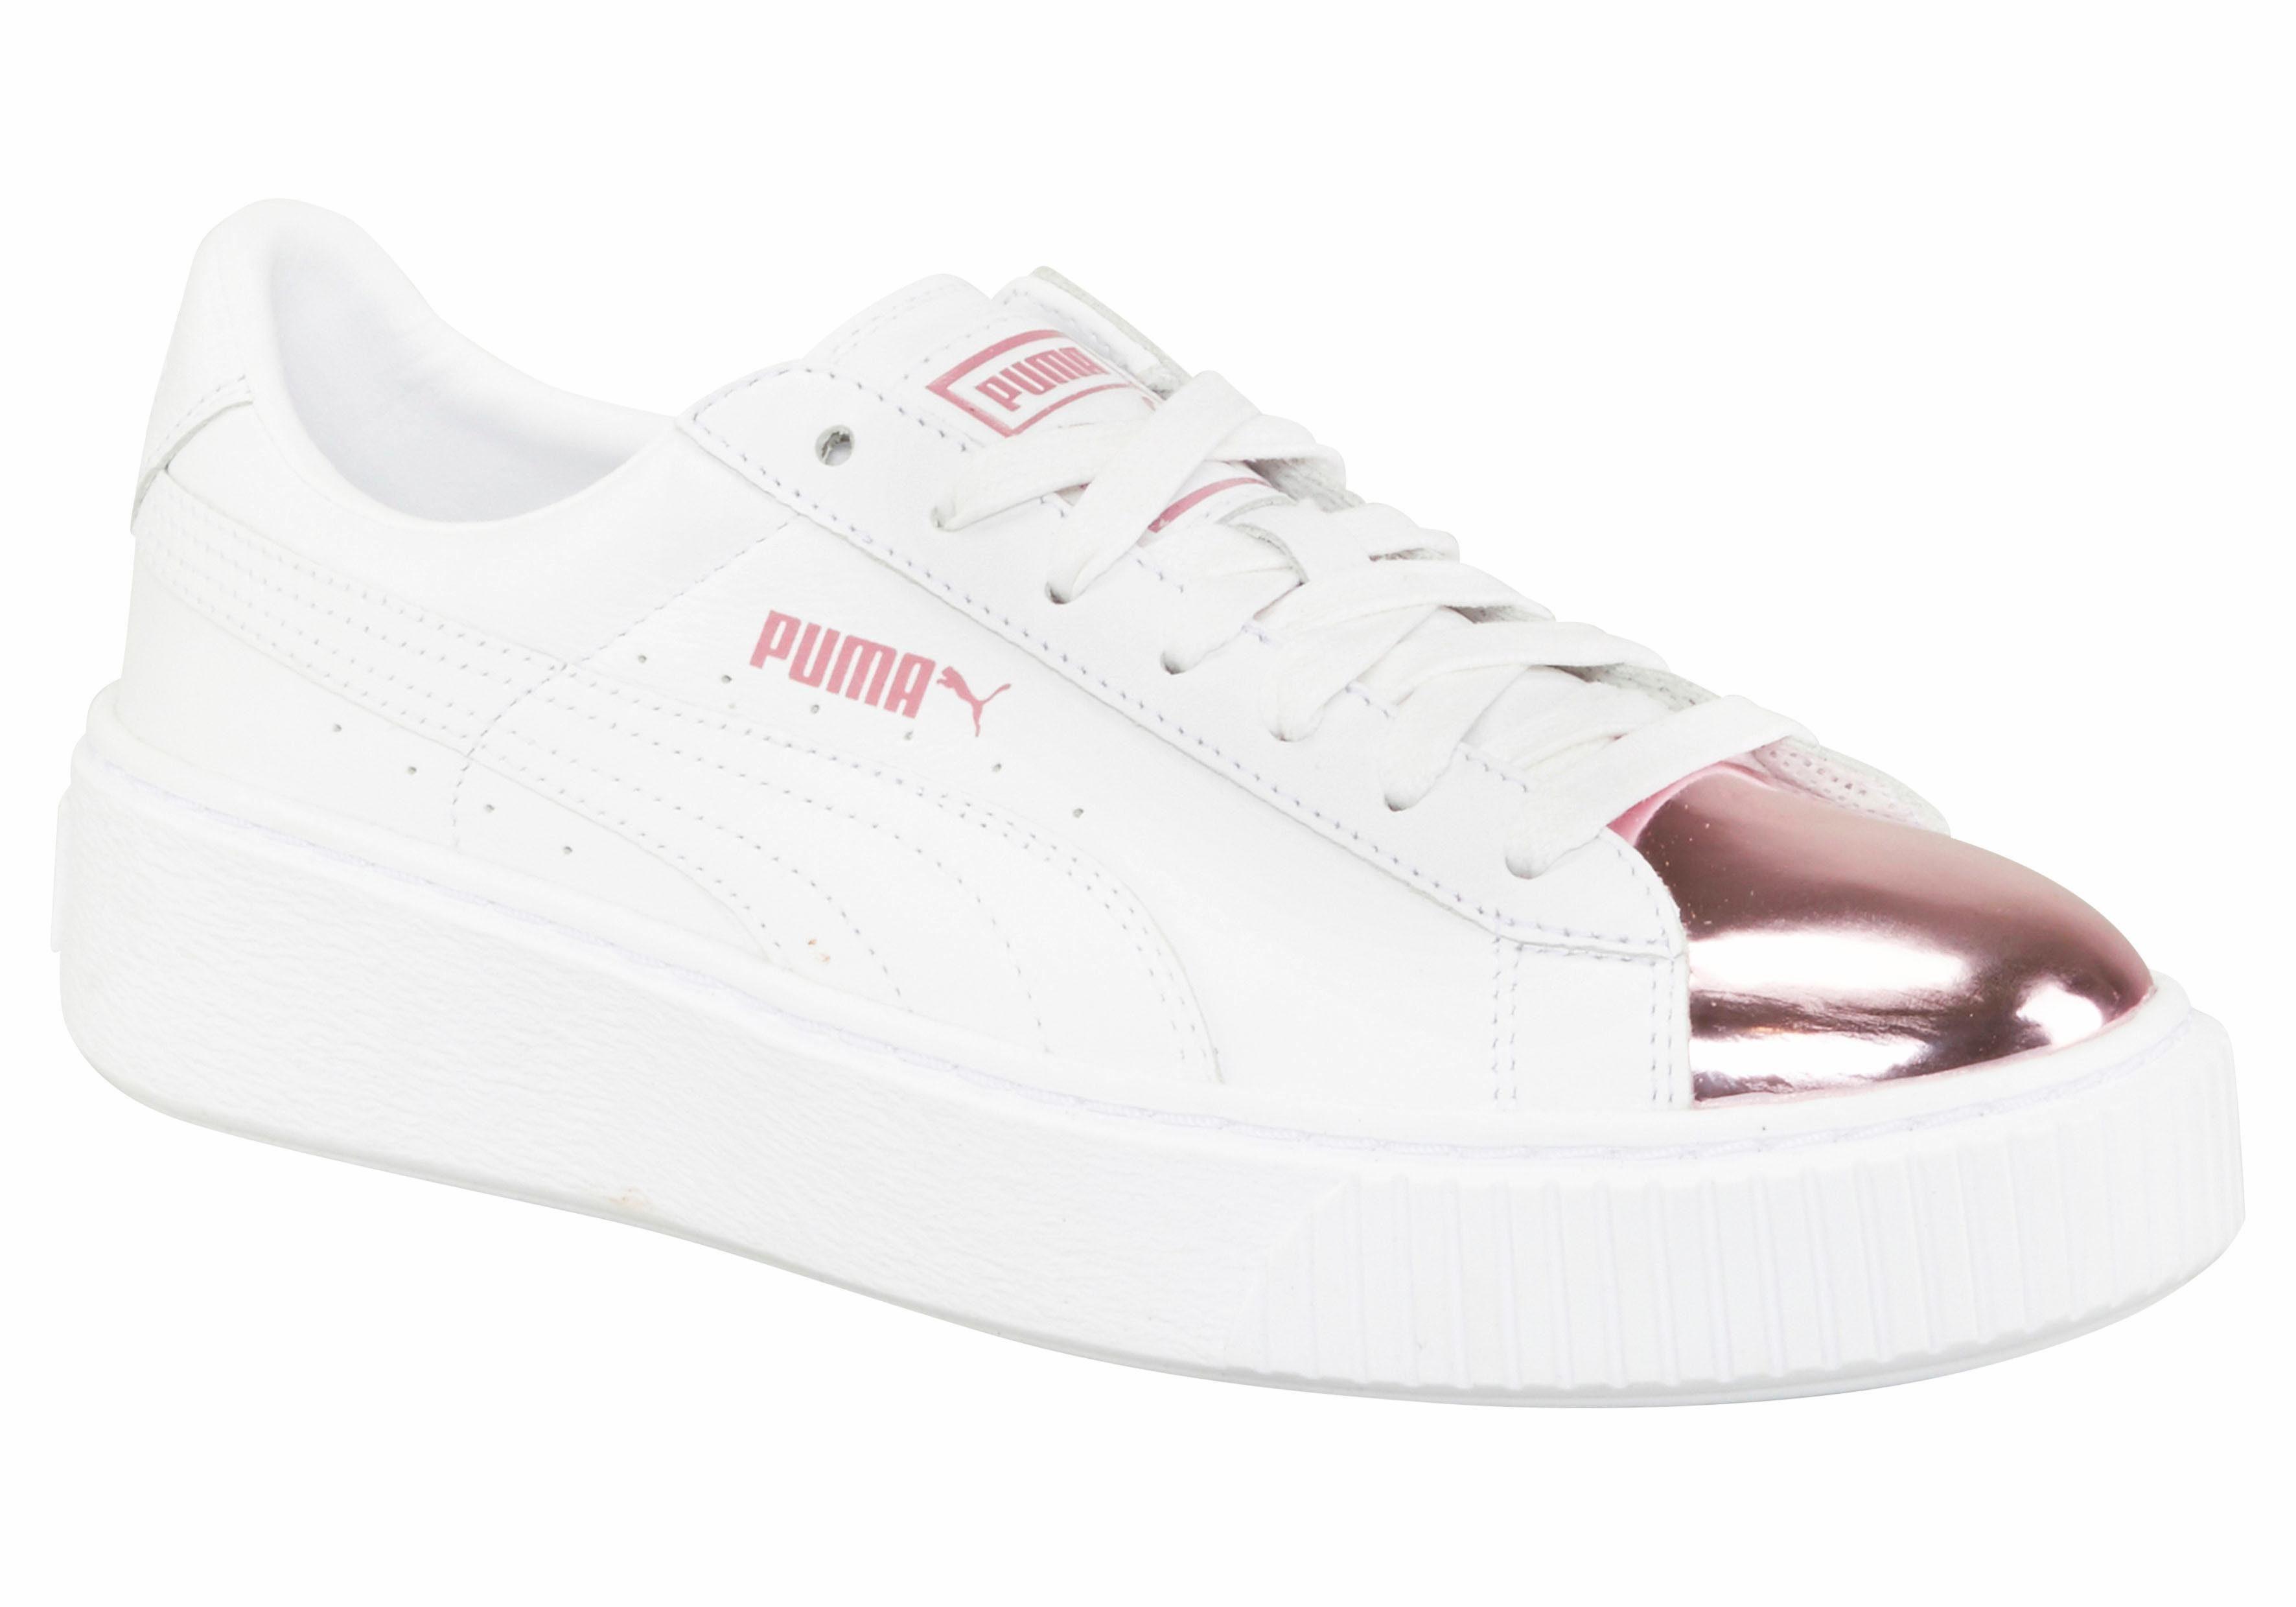 PUMA Basket Platform Metallic Sneaker kaufen  weiß-metallicpink